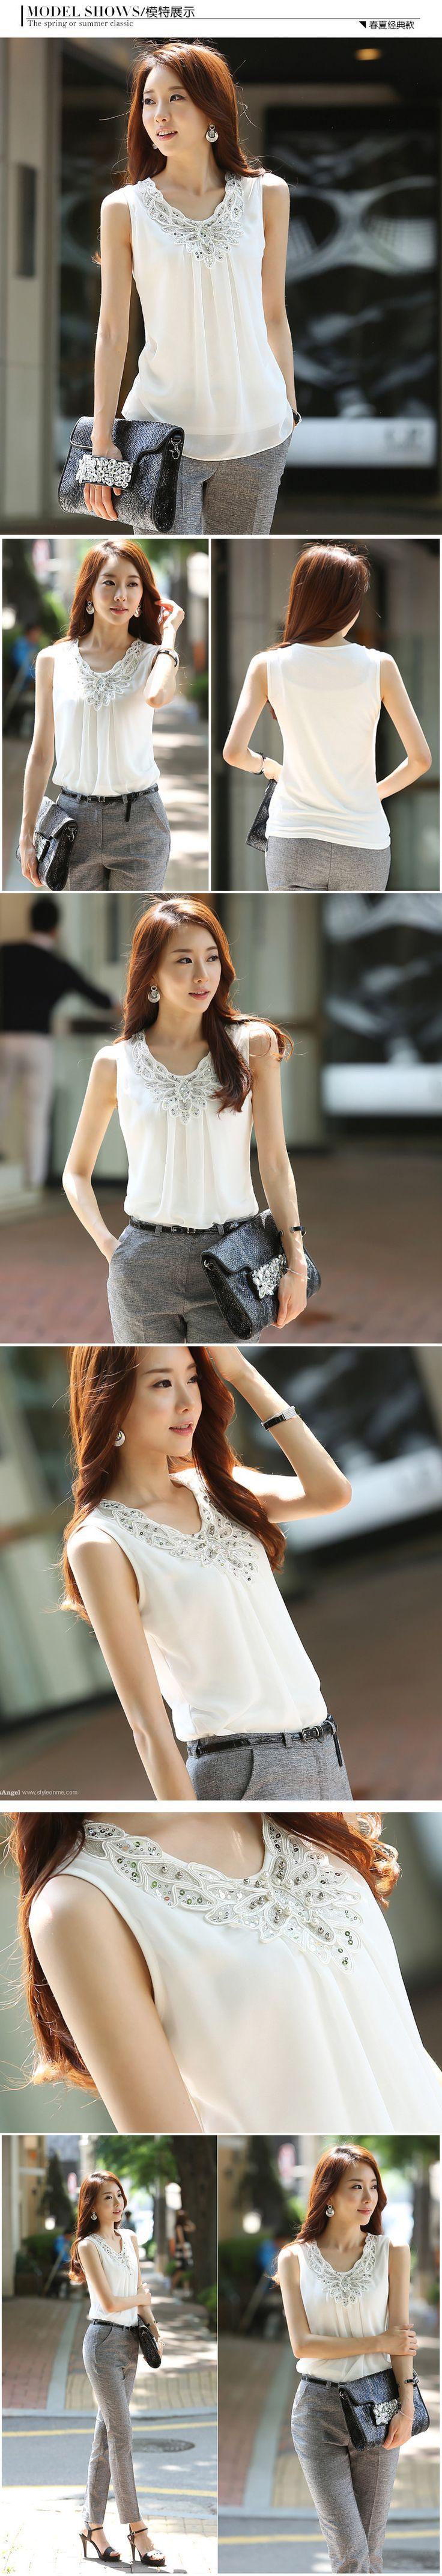 2015 mujeres del verano blusa camisas camiseta sin mangas ocasional de la gasa de diamante brillante de encaje blusas tallas grandes mujeres camiseta Tops en Blusas y Camisas de Moda y Complementos Mujer en AliExpress.com | Alibaba Group